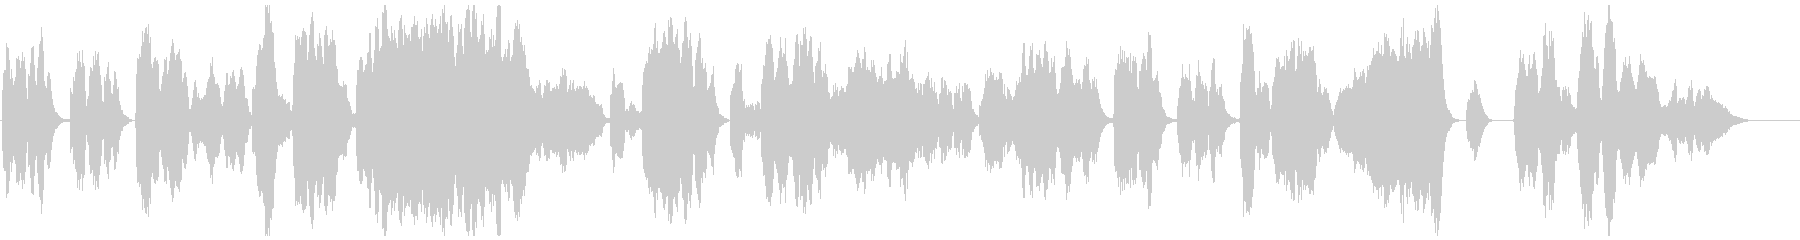 BWV1070/3『アリア・アダージョ』の未再生の波形